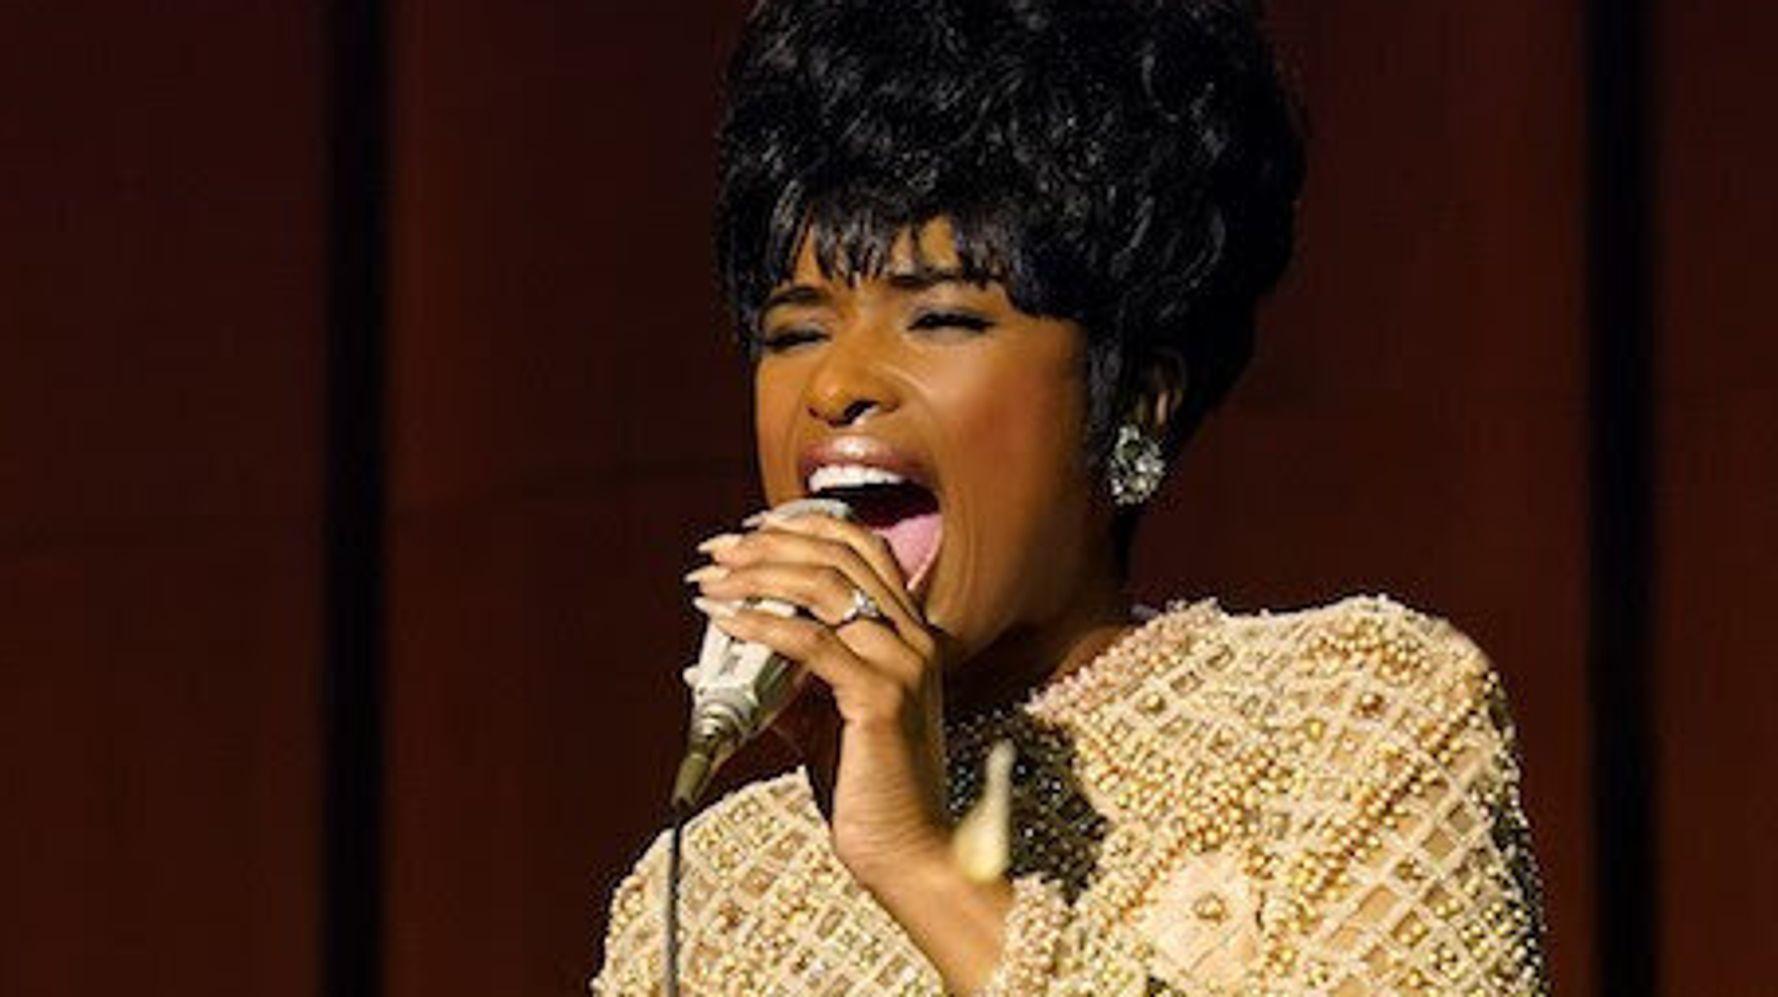 Respect: mirá el adelanto de la peli de Aretha Franklin - Radio Cantilo